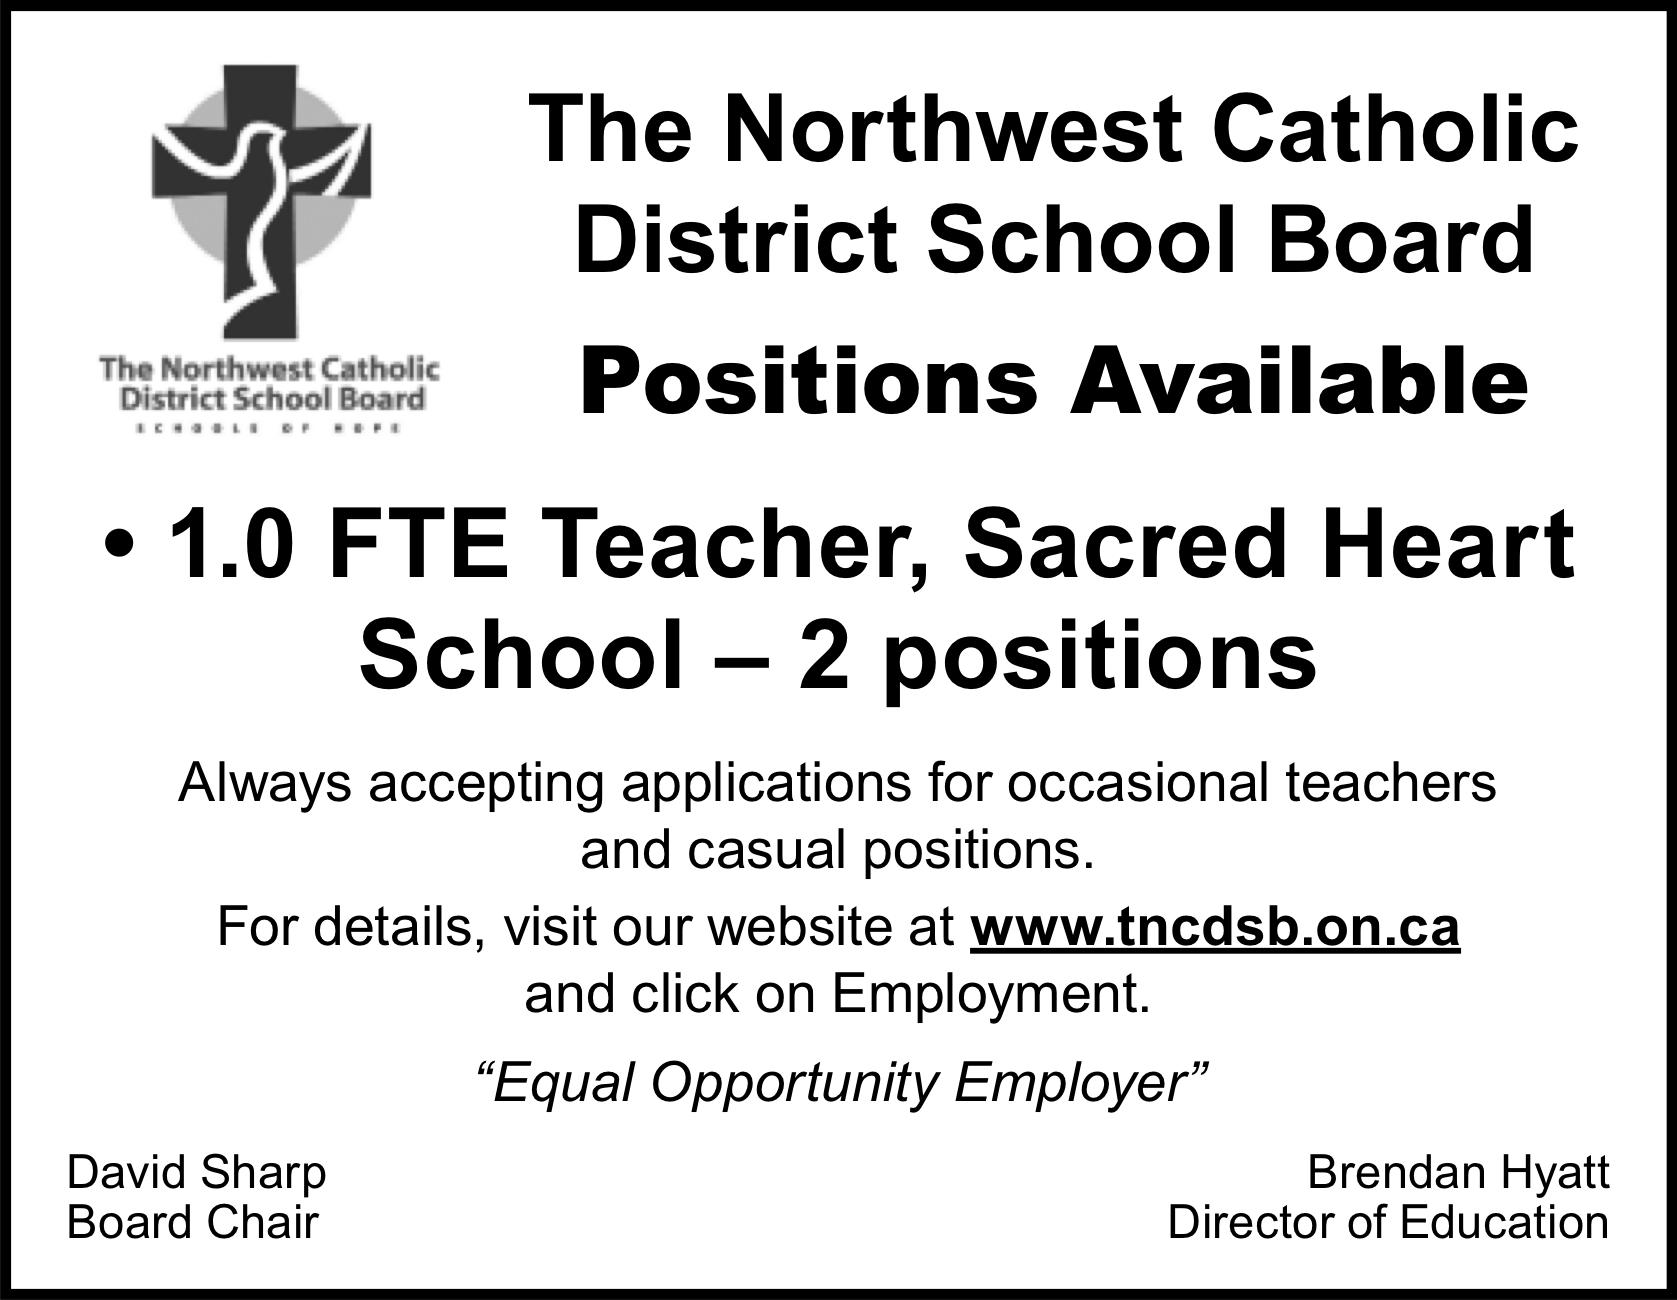 Teacher, Sacred Heart School